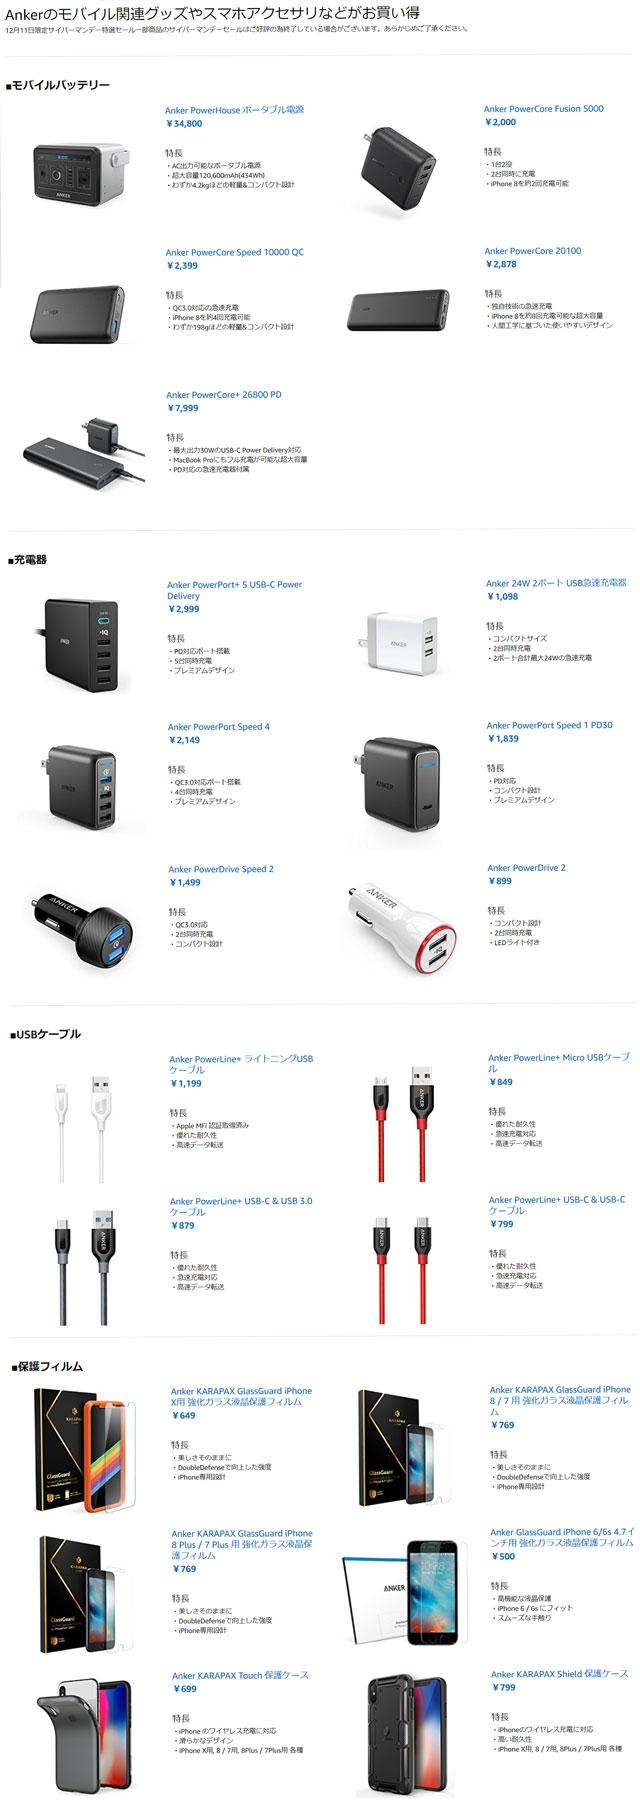 Ankerのモバイル関連グッズやスマホアクセサリなどがお買い得